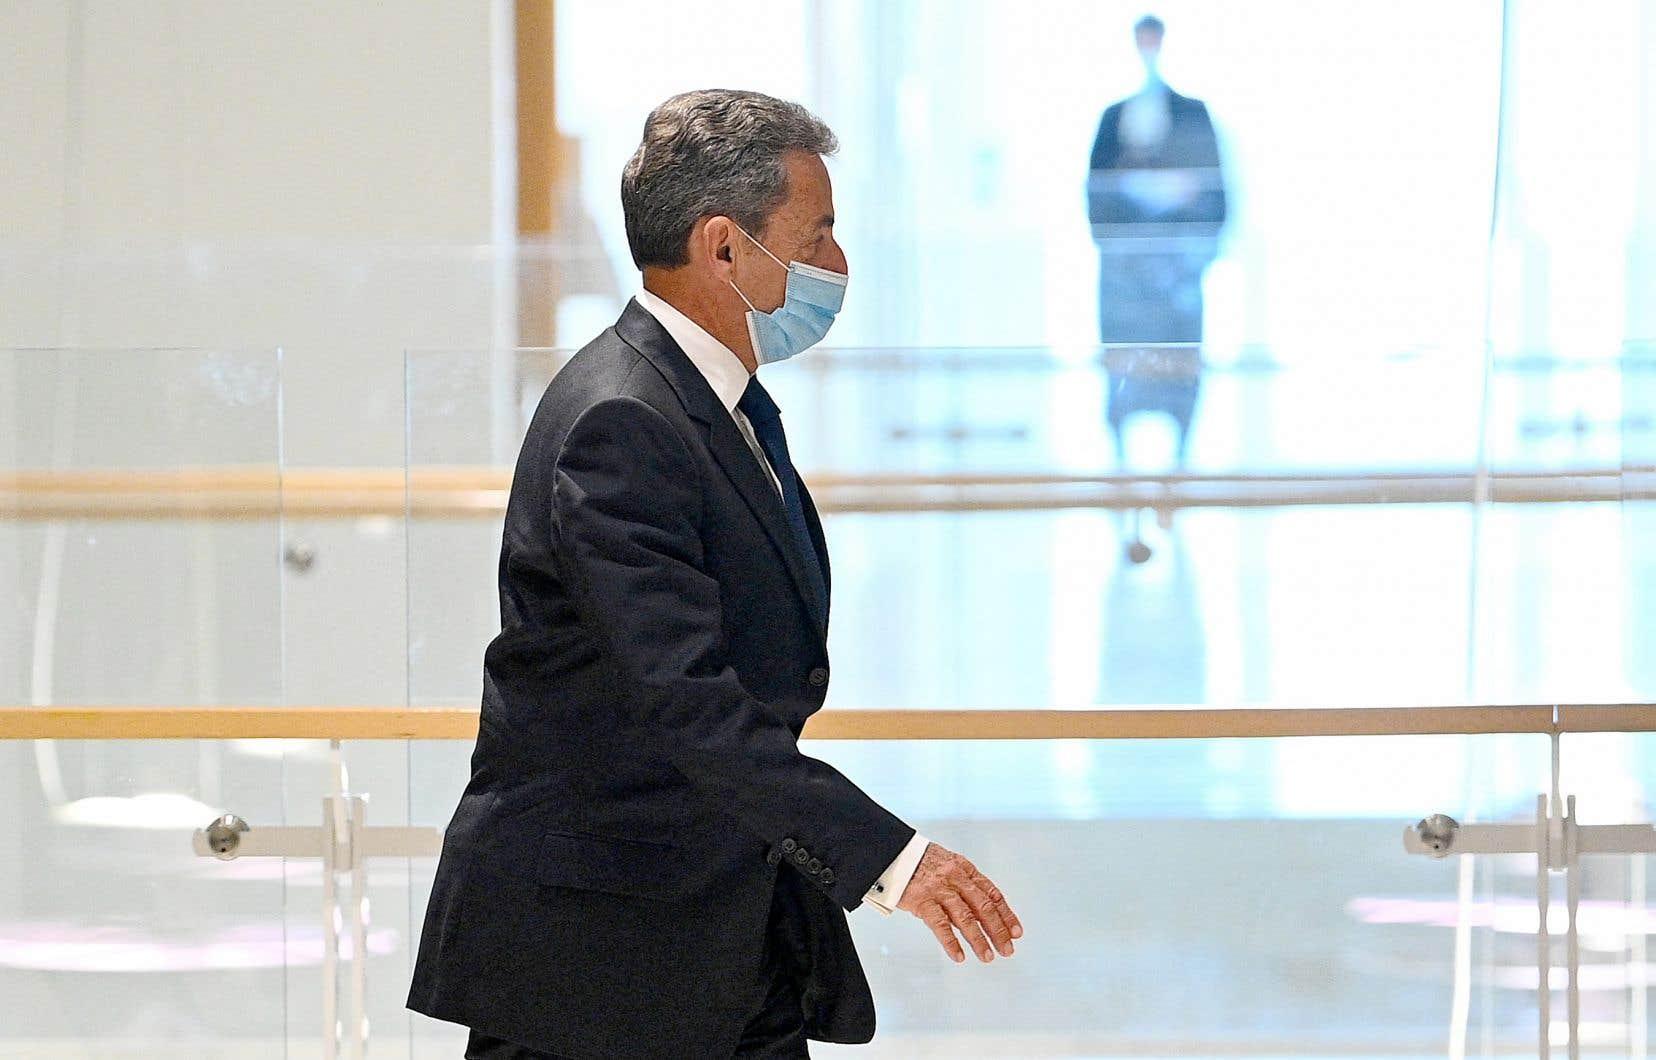 Arrivé confiant au tribunal, Nicolas Sarkozy, qui a dirigé la France de 2007 à 2012, a accueilli sa sentence sans réagir avant de s'éclipser aussitôt sans faire la moindre déclaration.